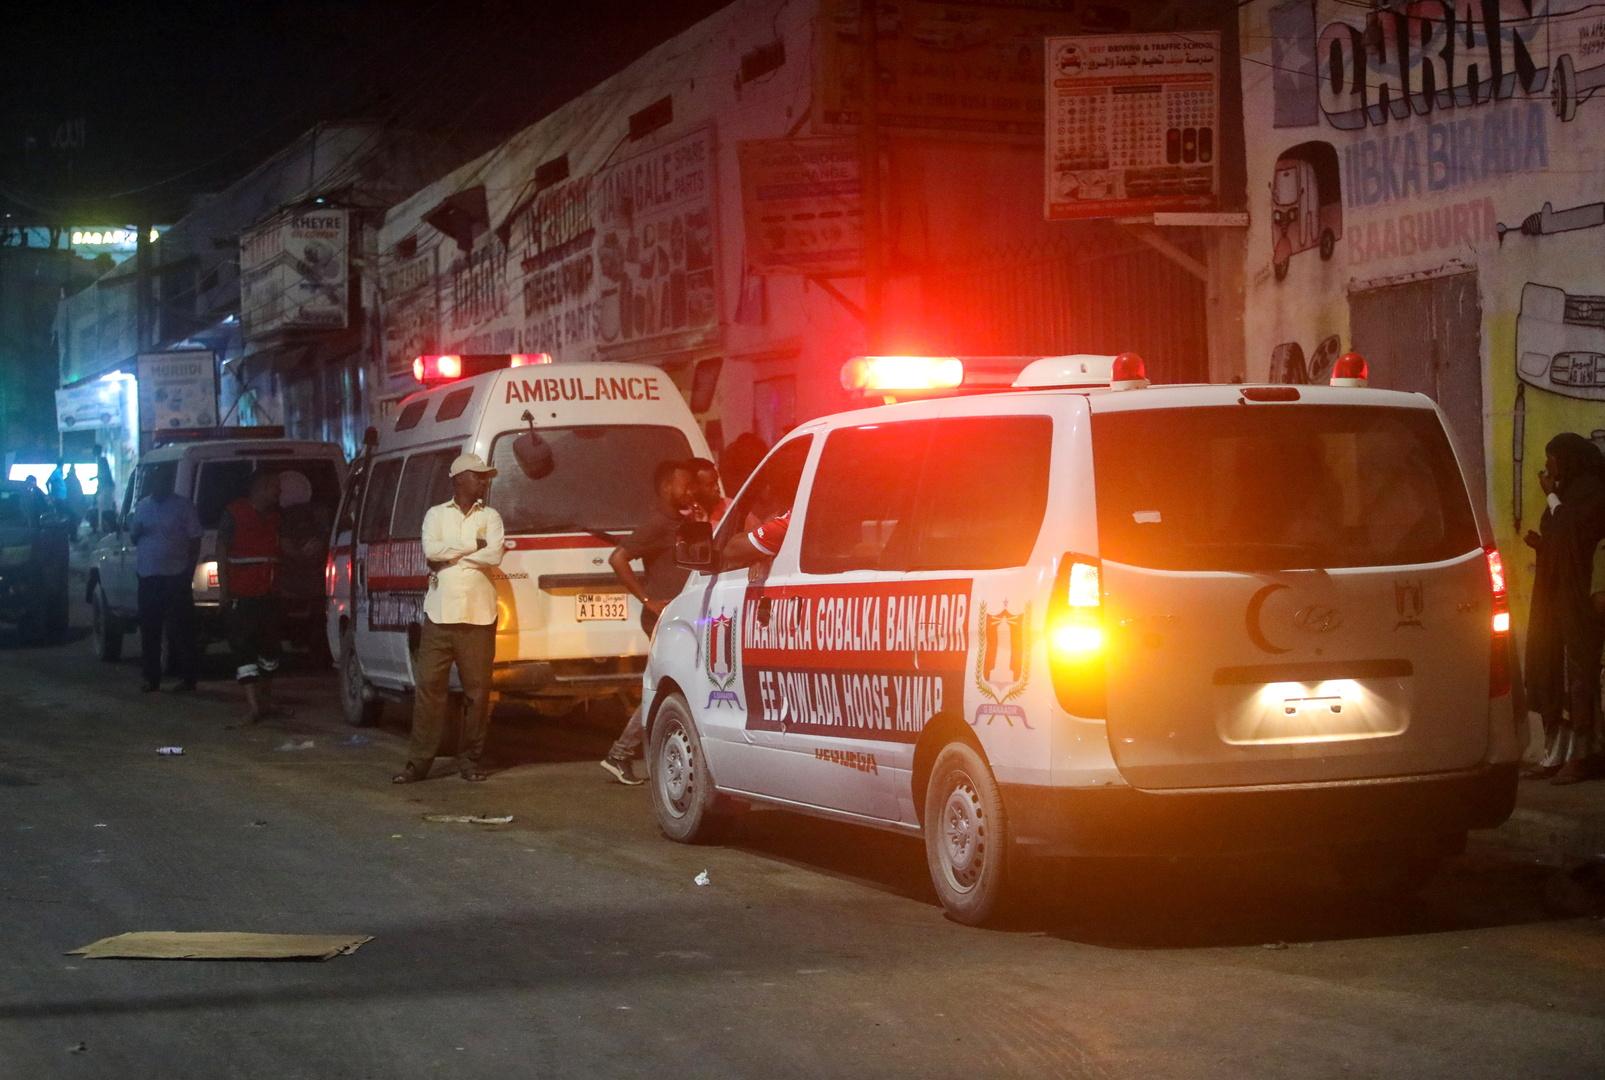 سيارات إسعاف قرب مكان انفجار في الصومال - أرشيف